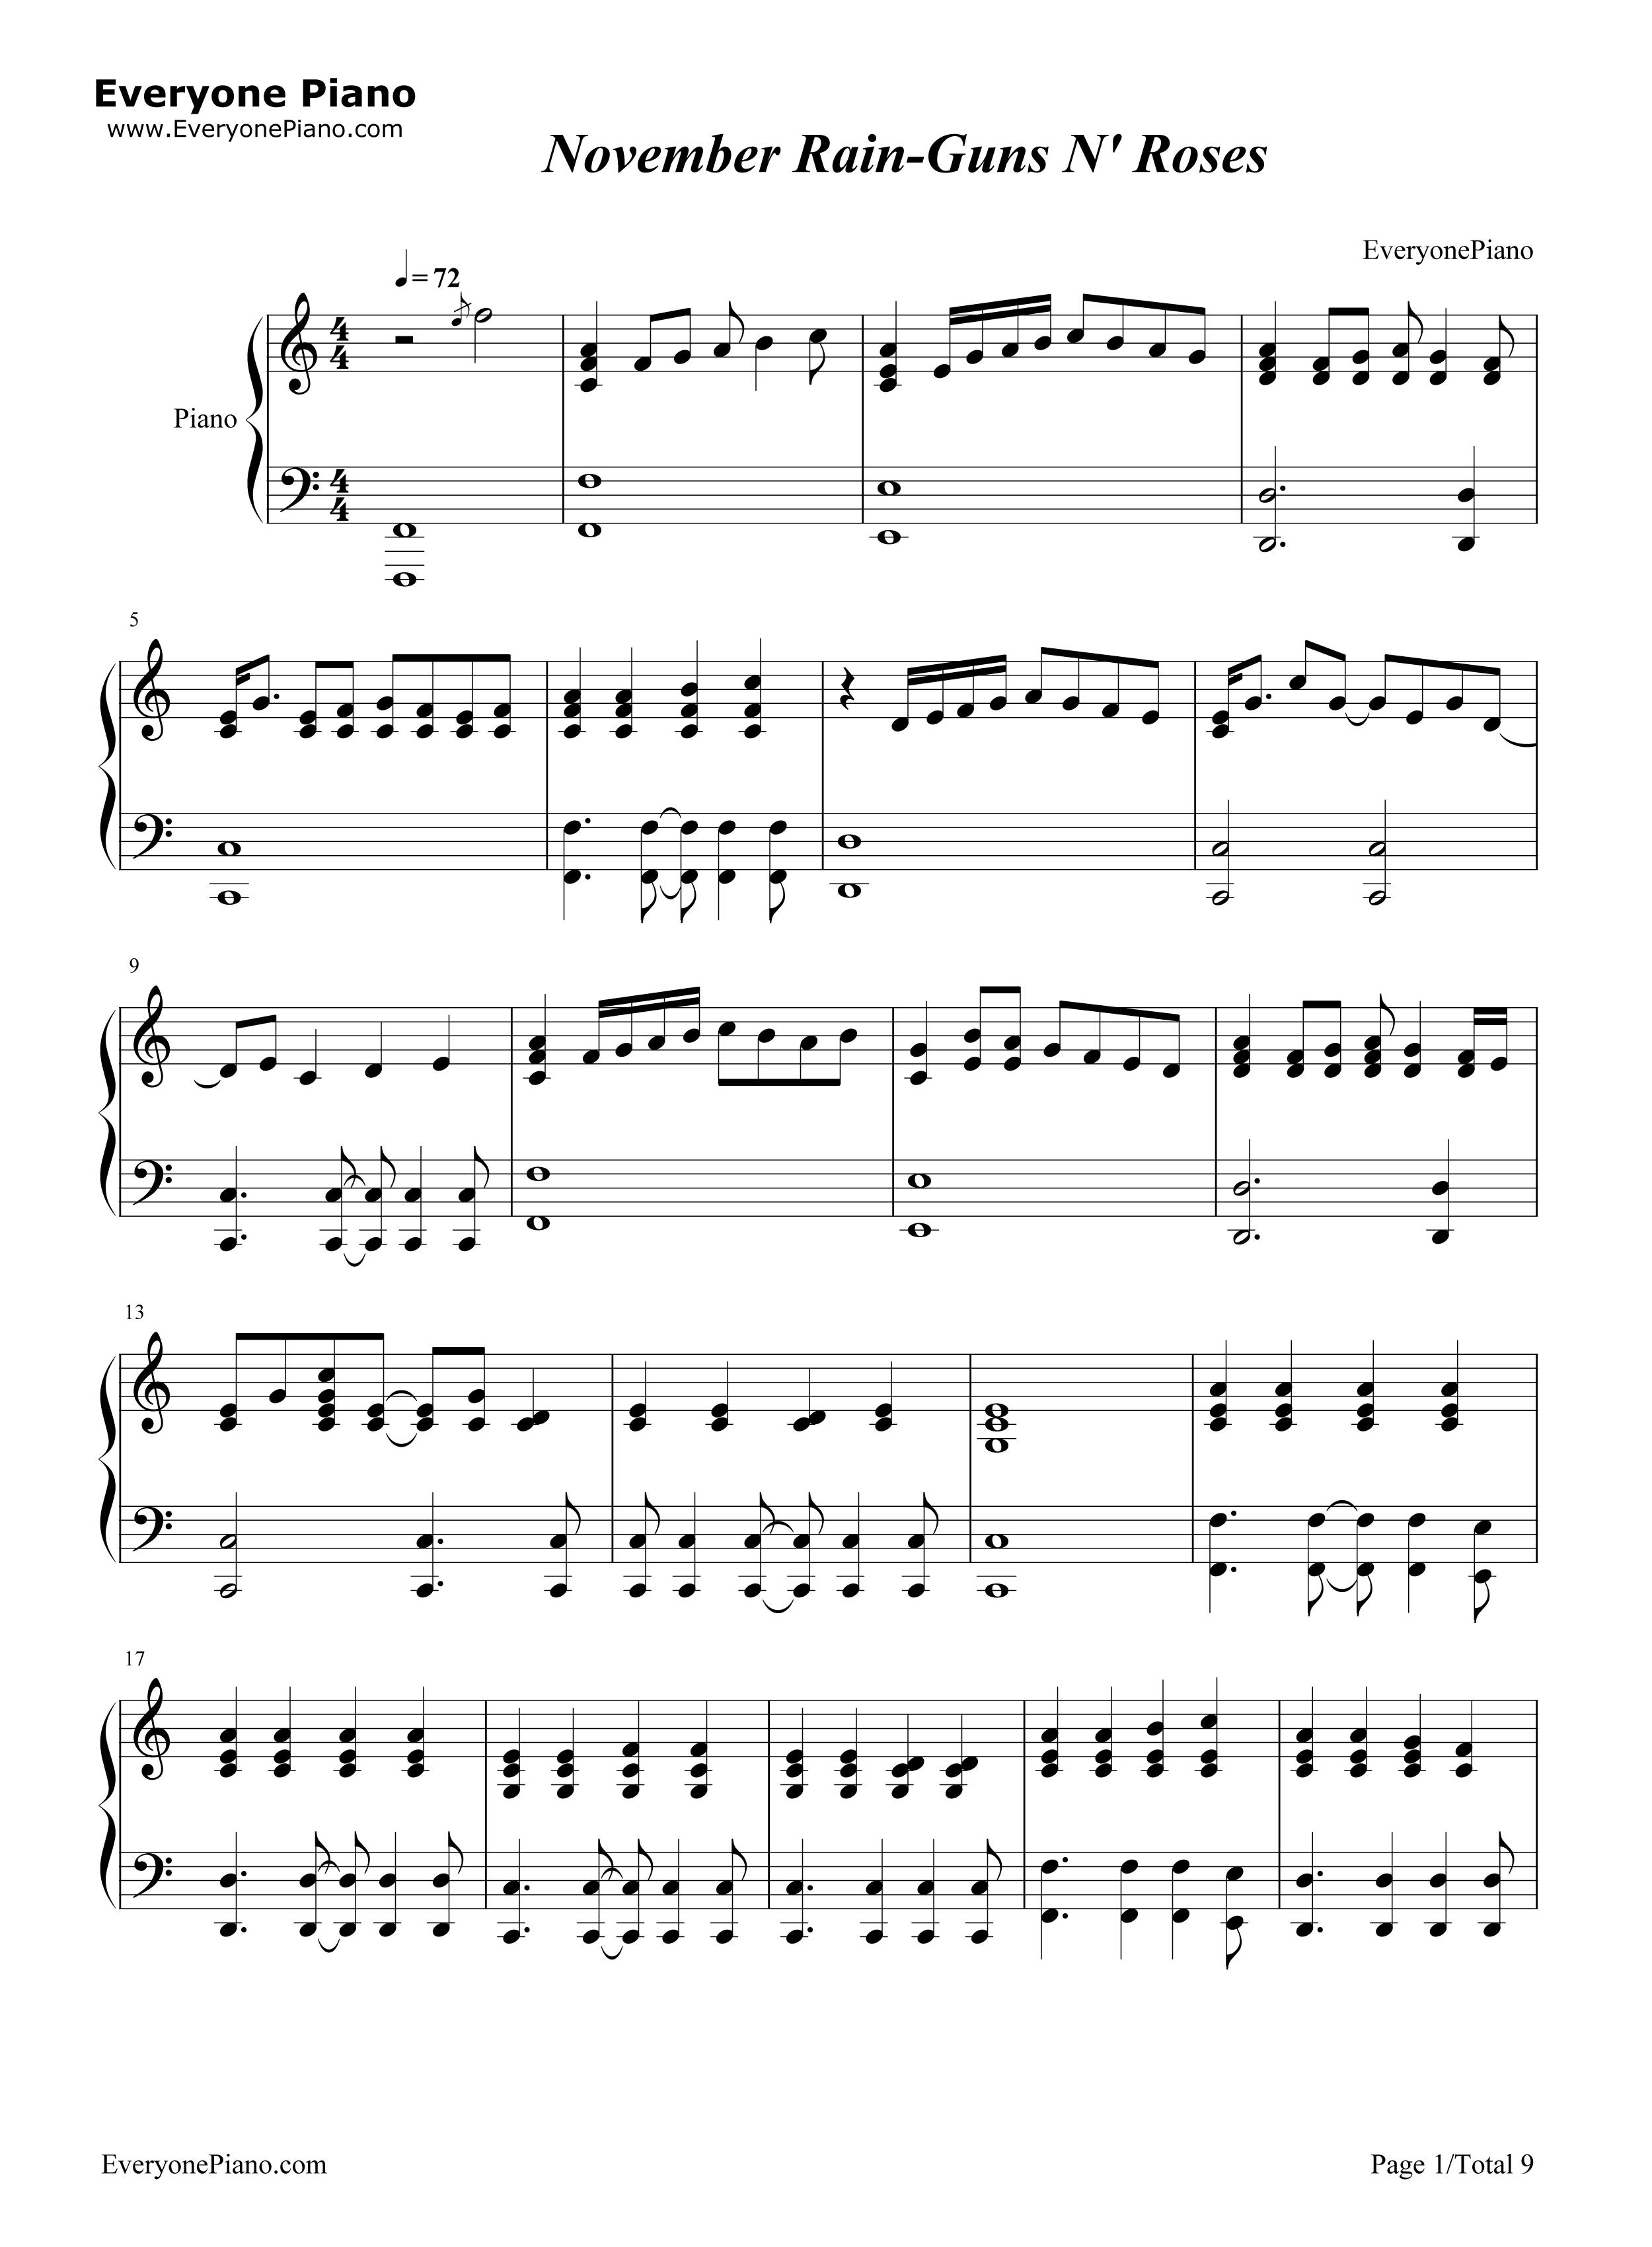 November Rain-Guns Nu0026#39; Roses Stave Preview 1-Free Piano Sheet Music u0026 Piano Chords